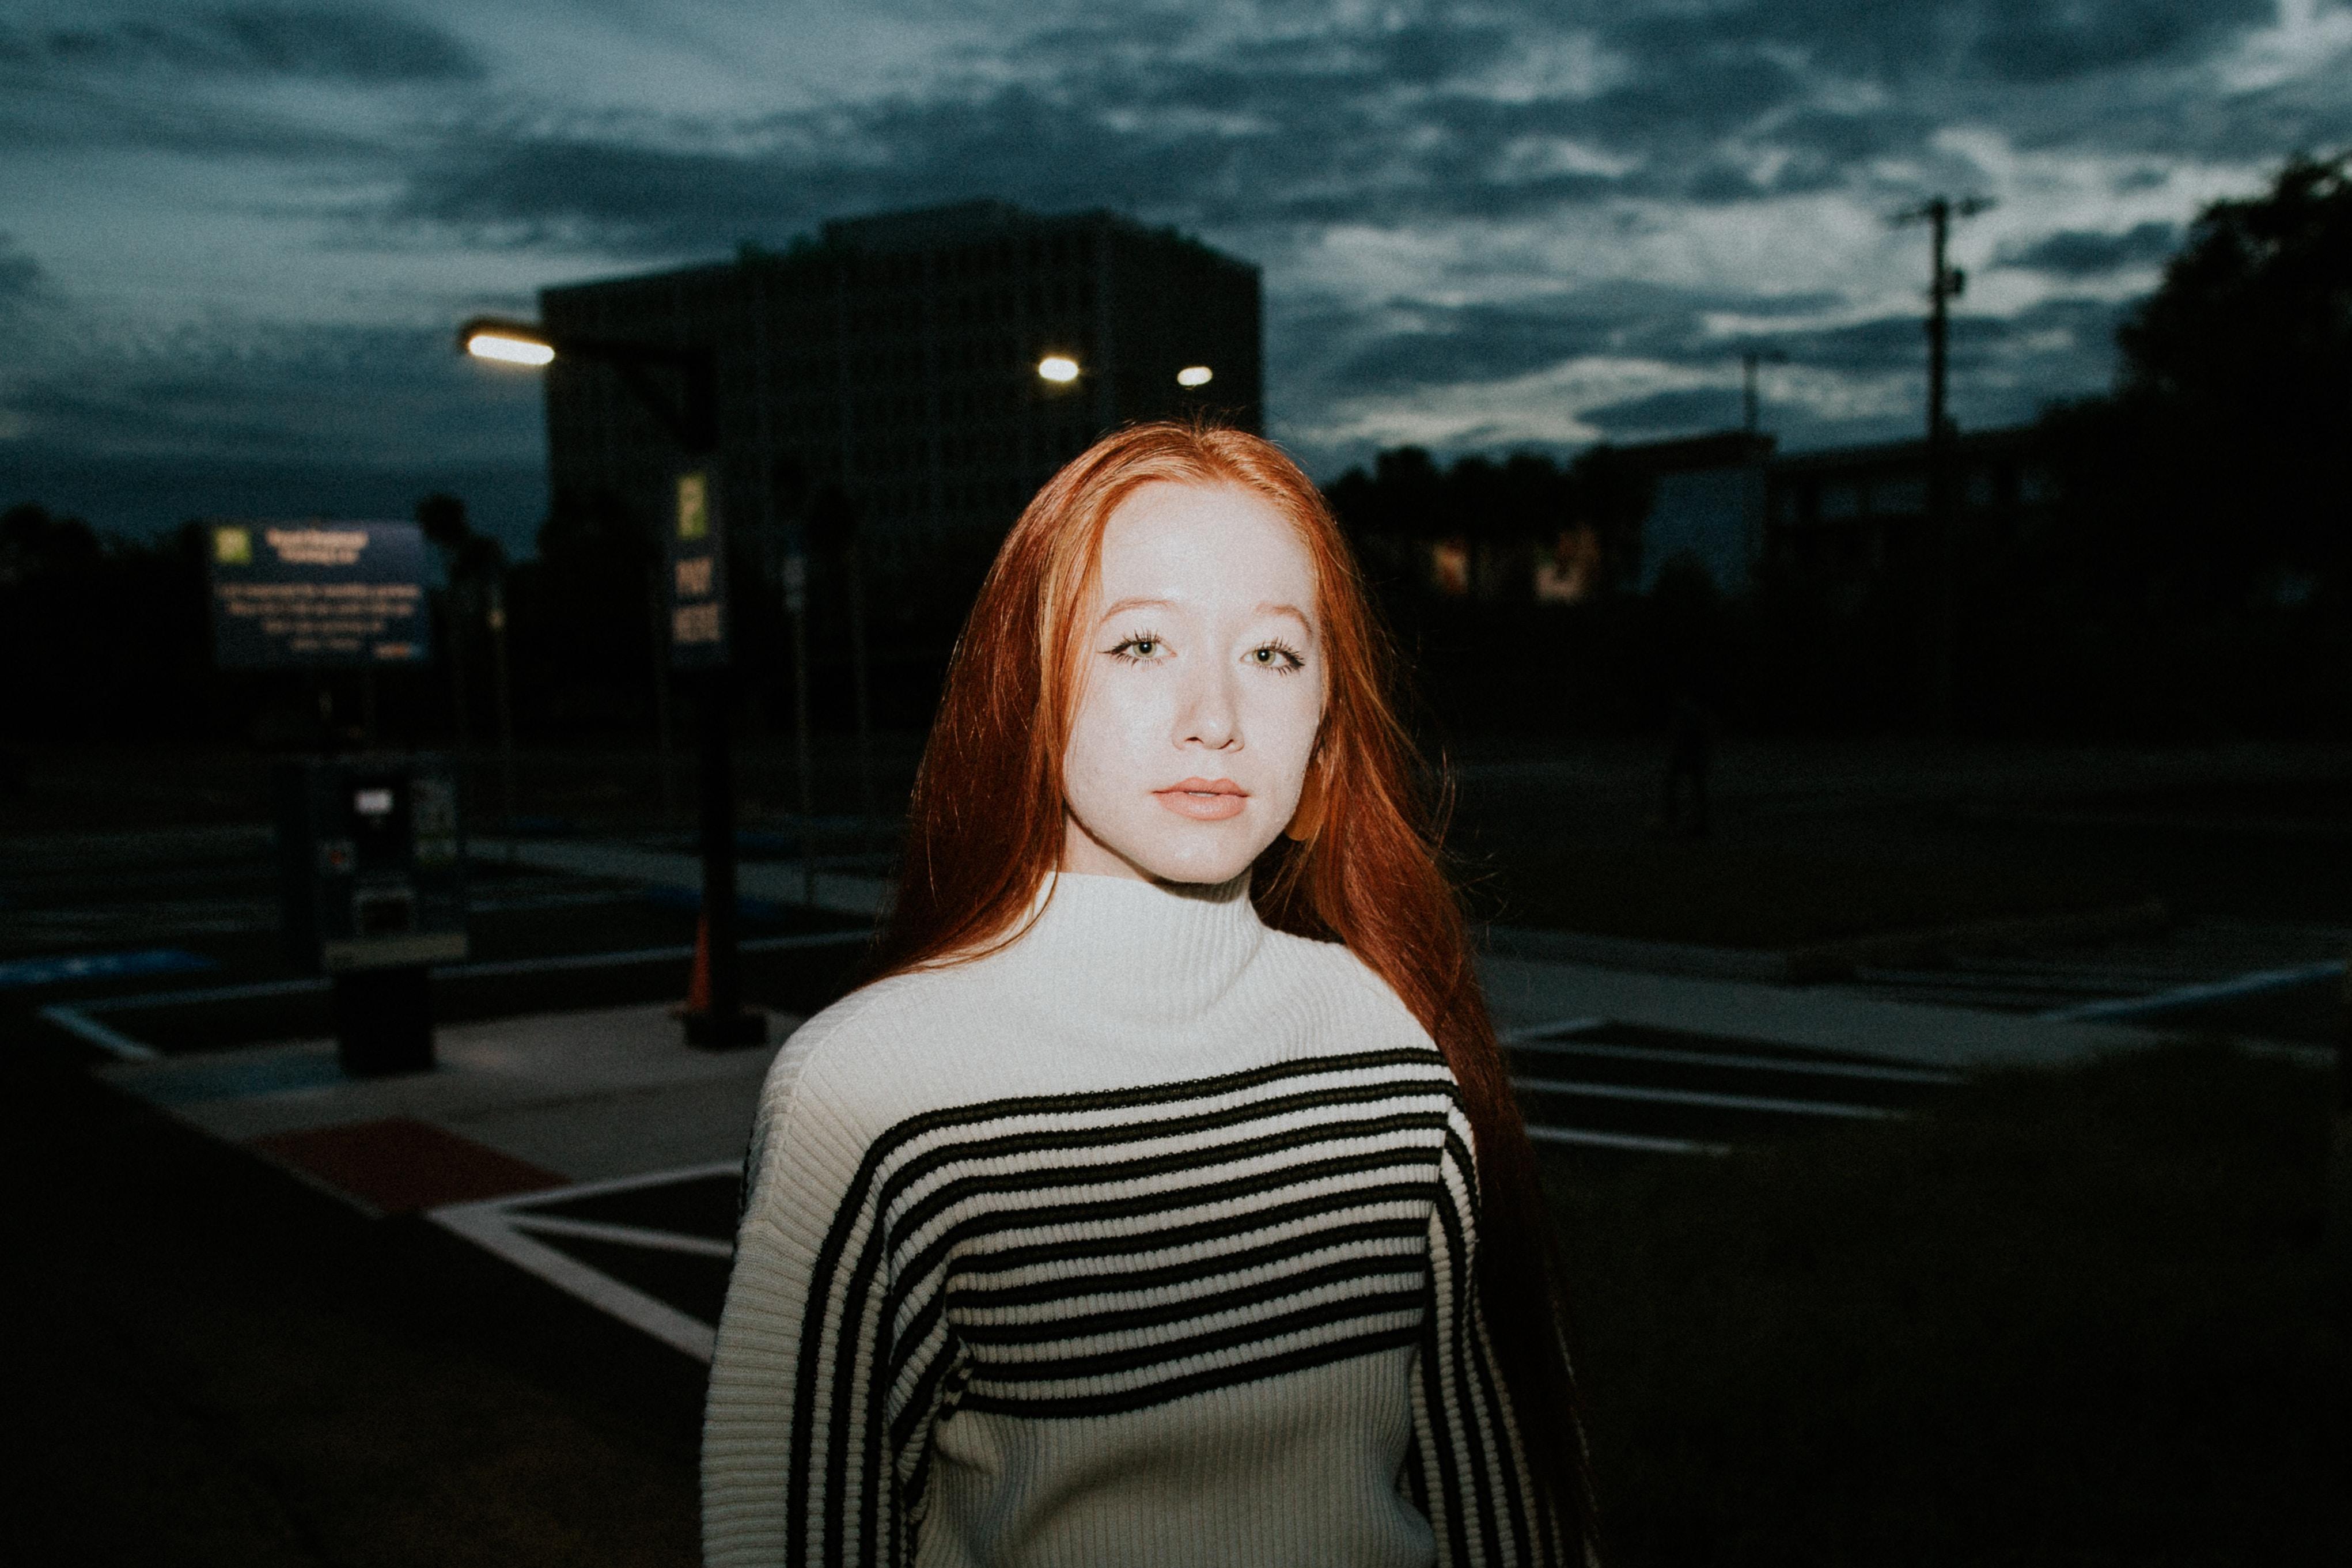 menina ruiva em frente a uma luz